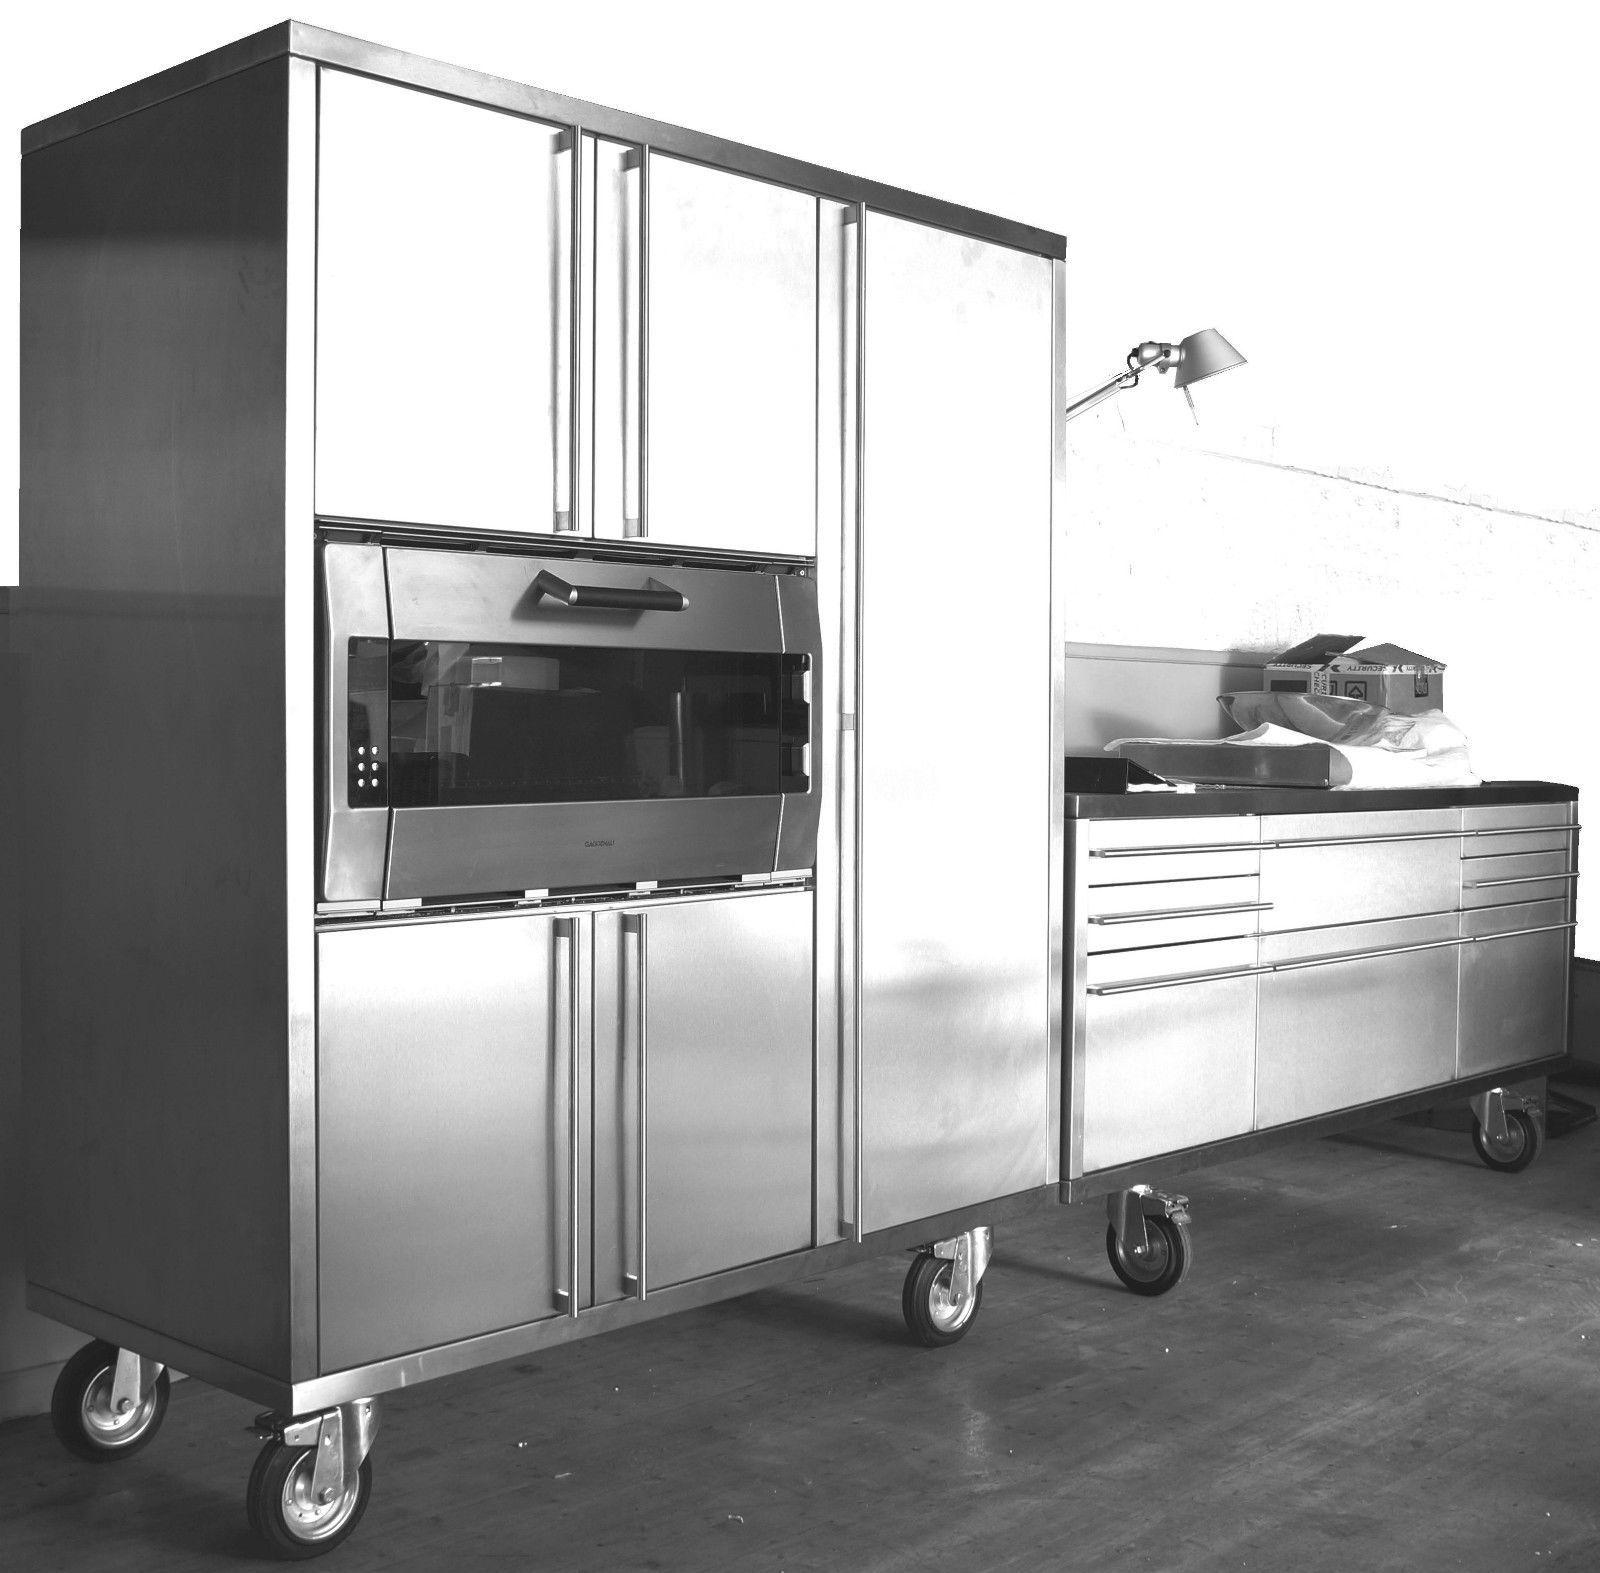 31 Freistehende Küchenmodule Ideen Küchenmodule Küche Edelstahl